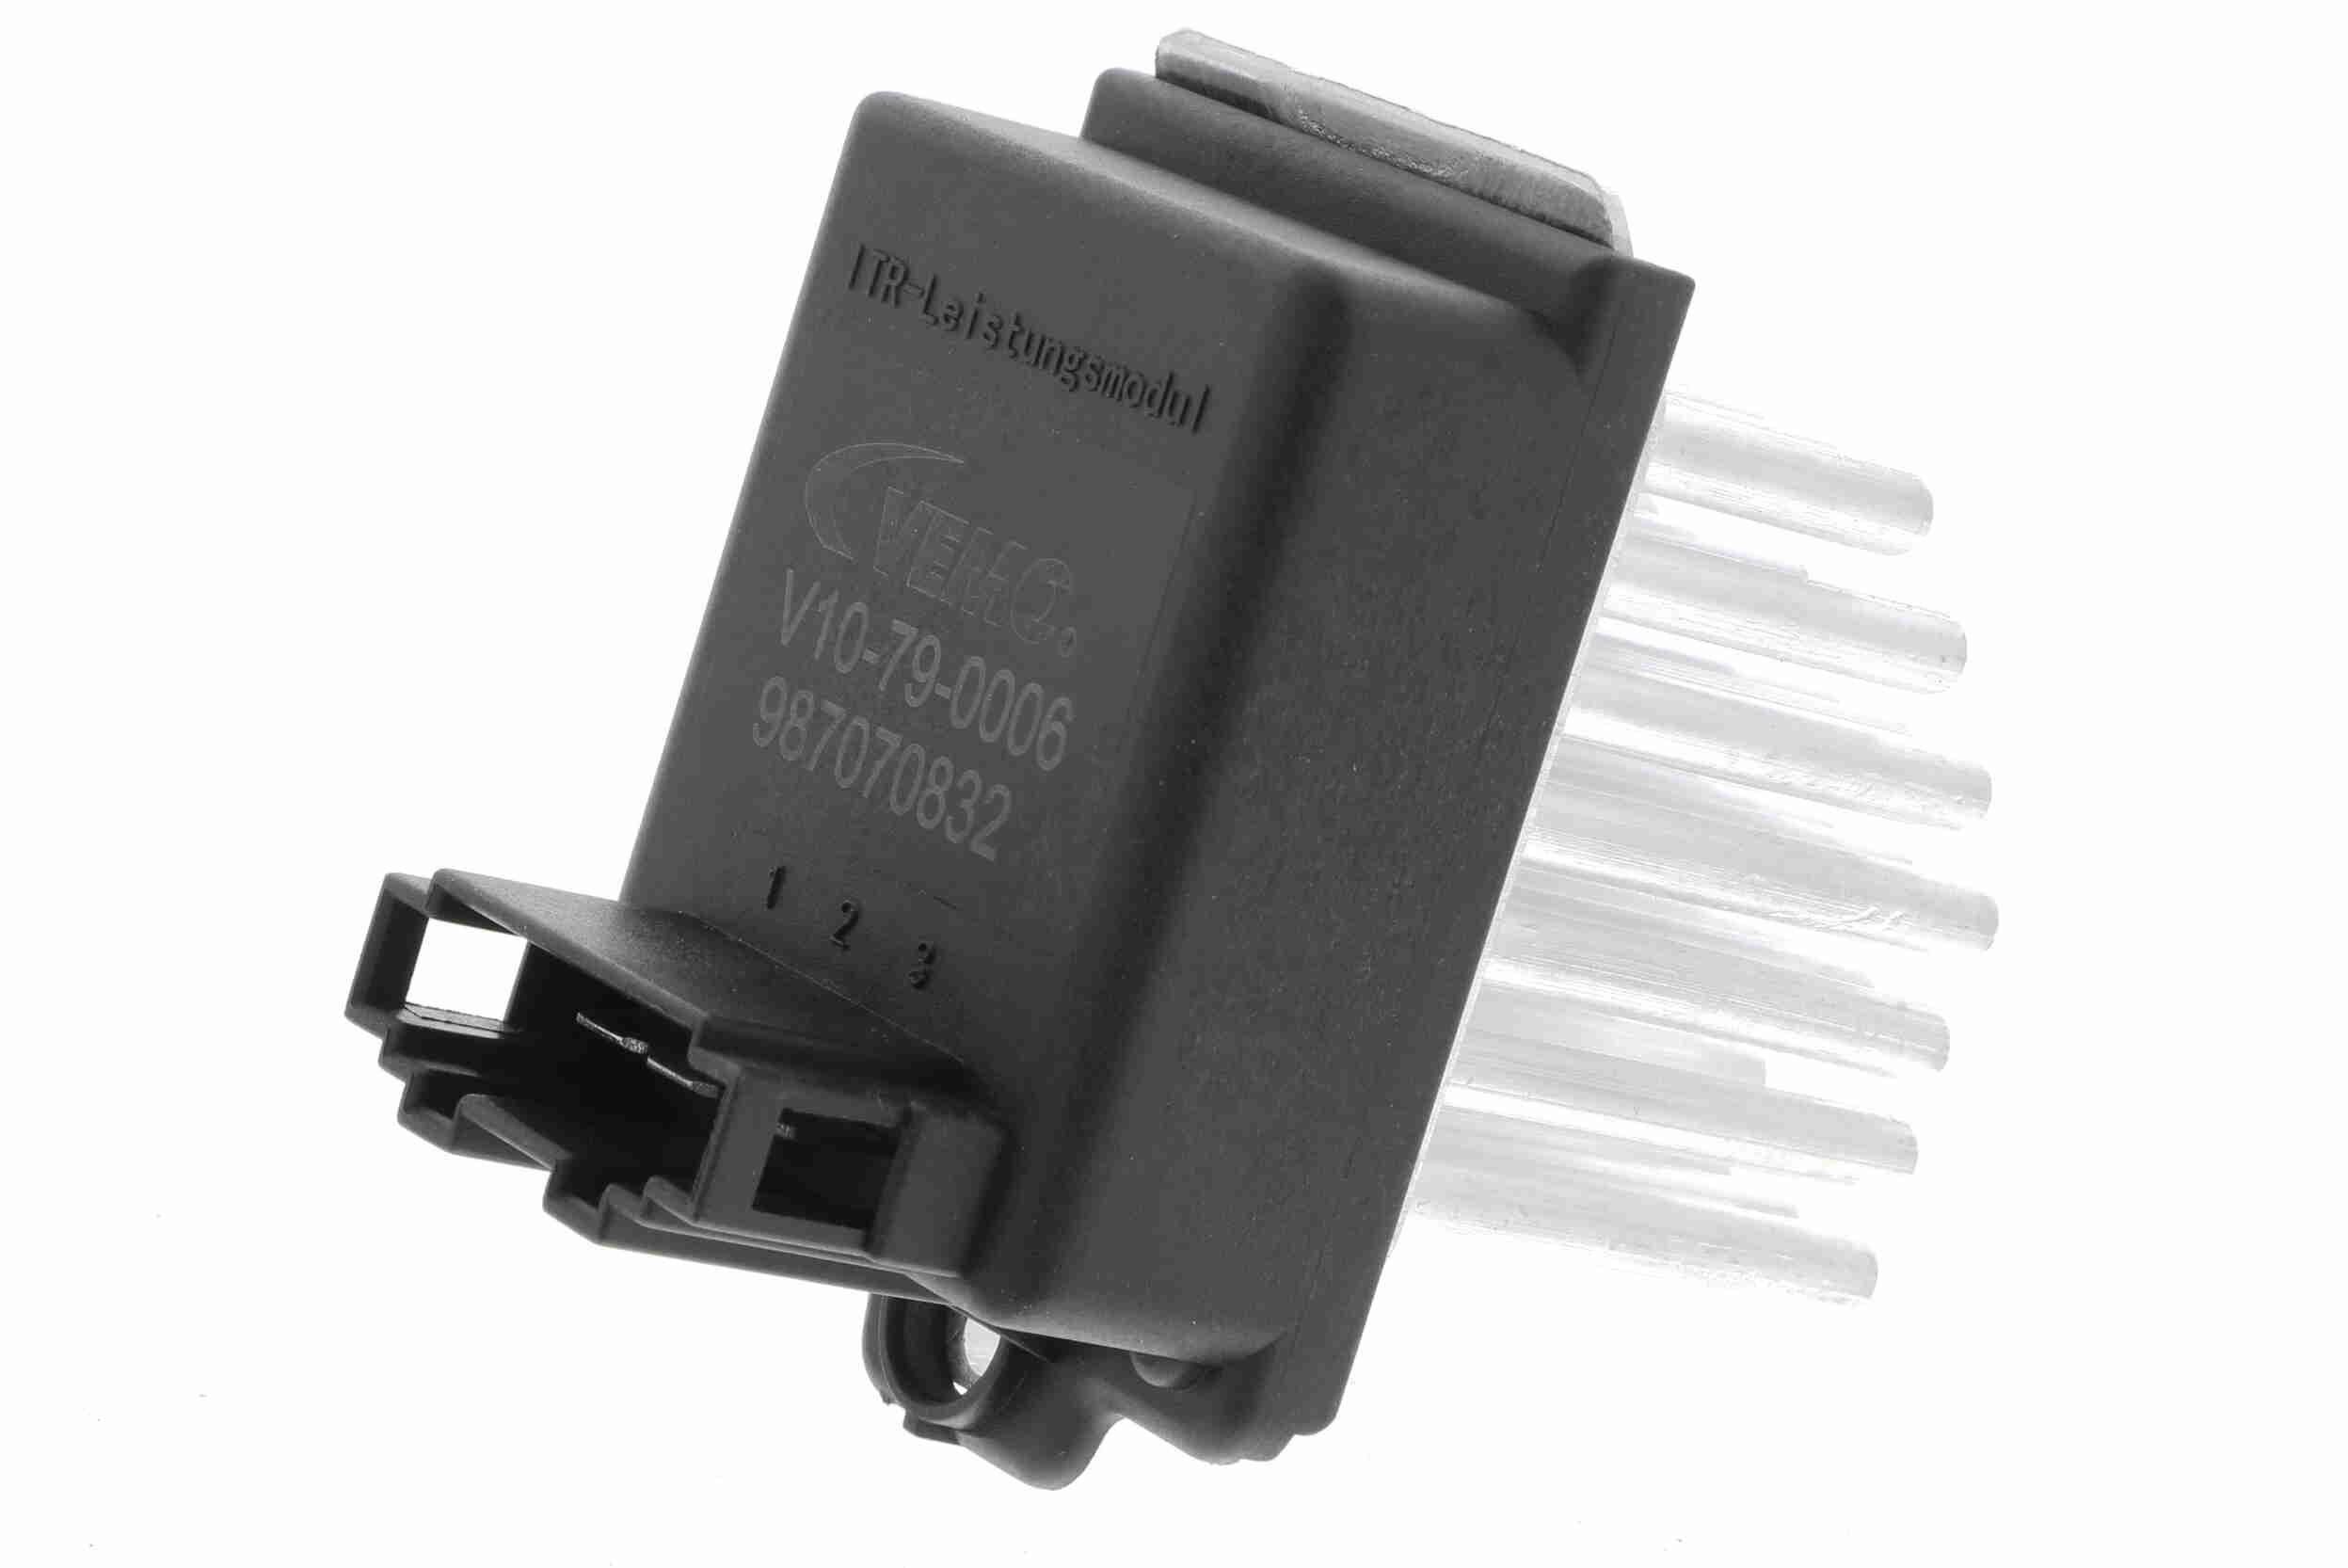 Regler, Innenraumgebläse V10-79-0006 VEMO V10-79-0006 in Original Qualität